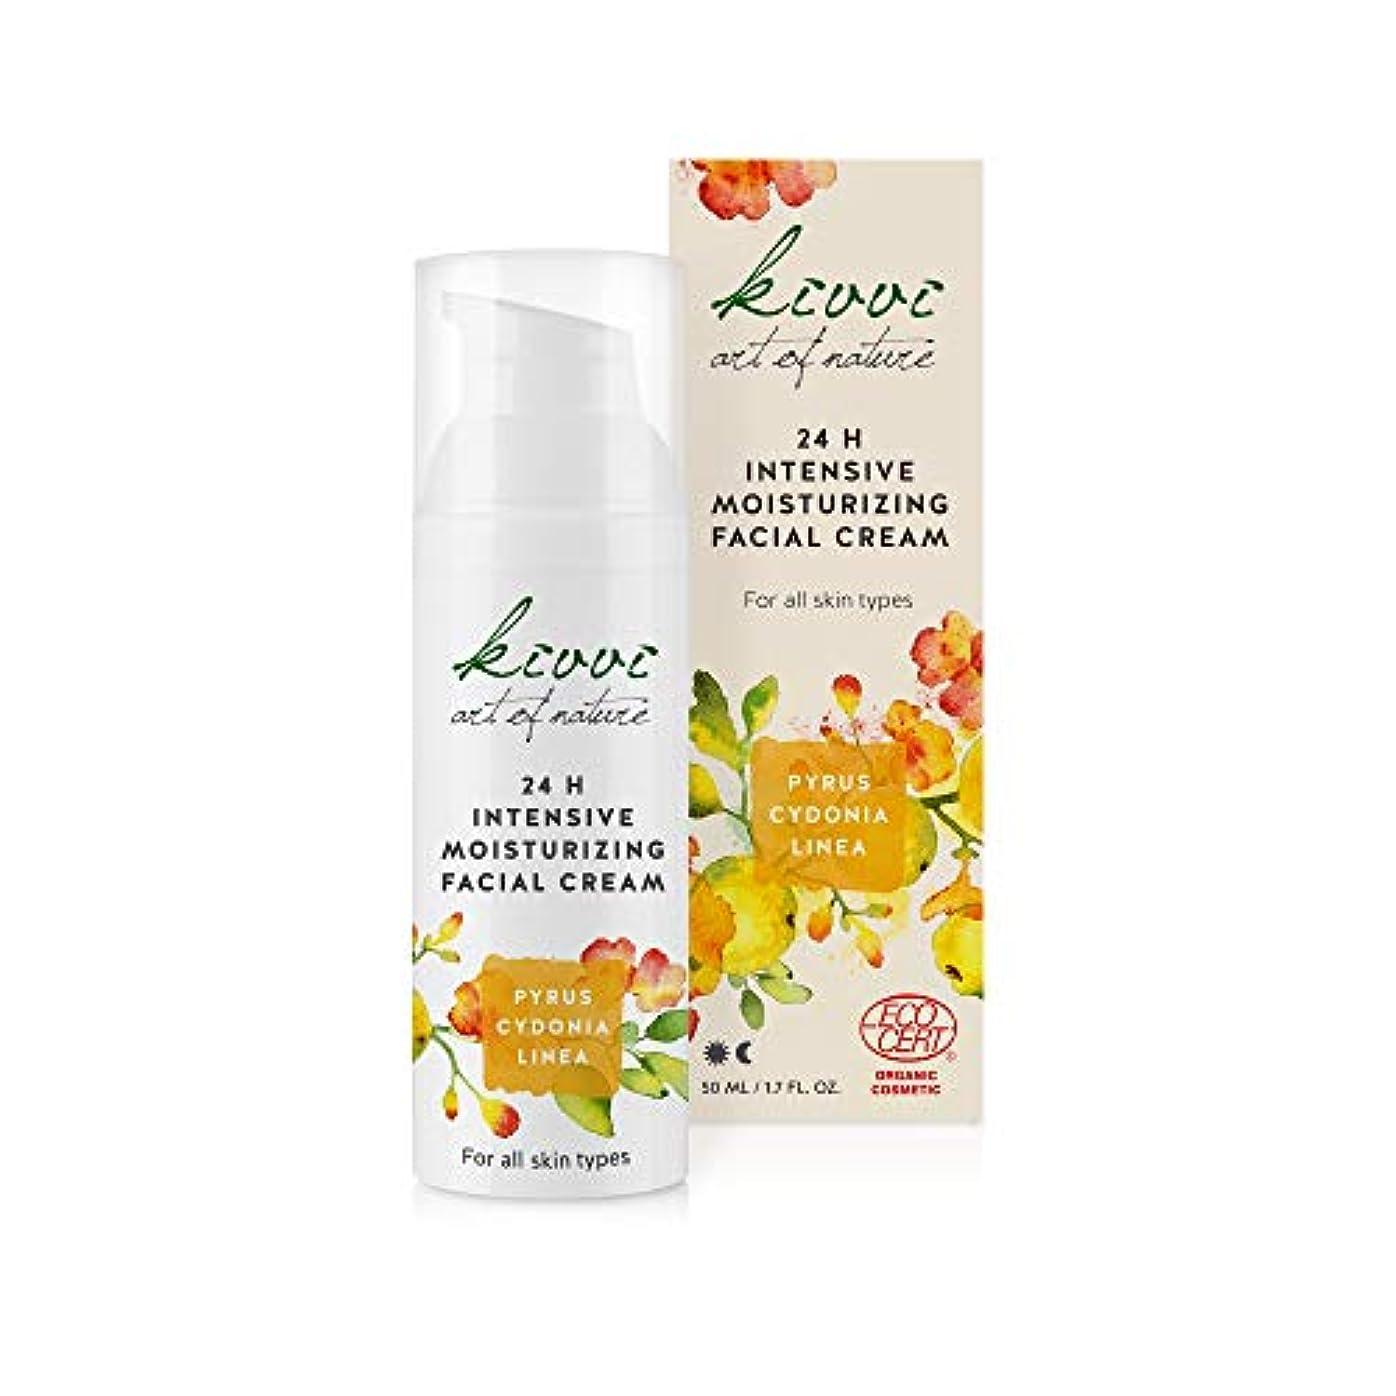 特性ディレクトリ白い70443 ピルスサイドニア、モイスチャライジングクリーム 50ml【Kivvi Cosmetics(キヴィ コスメティクス)】